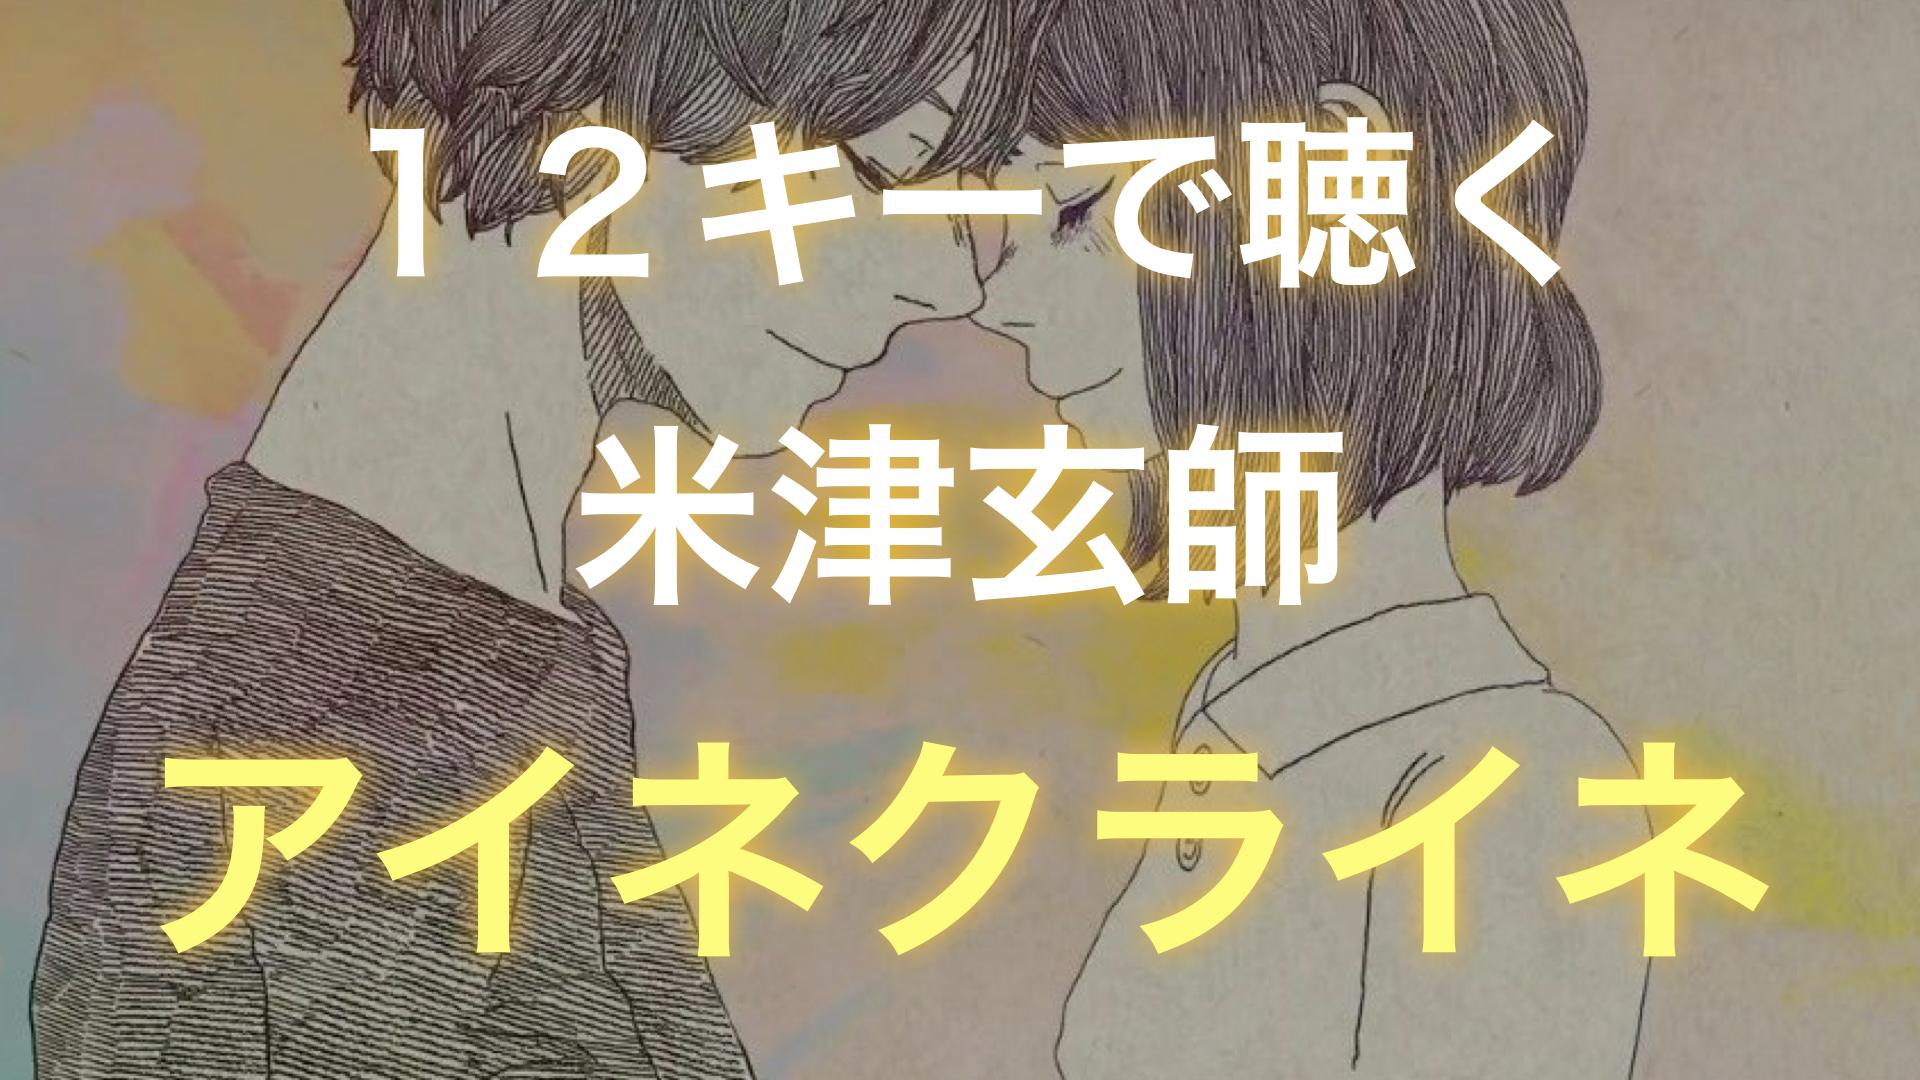 相対音感トレーニング【米津玄師 アイネクライネ】